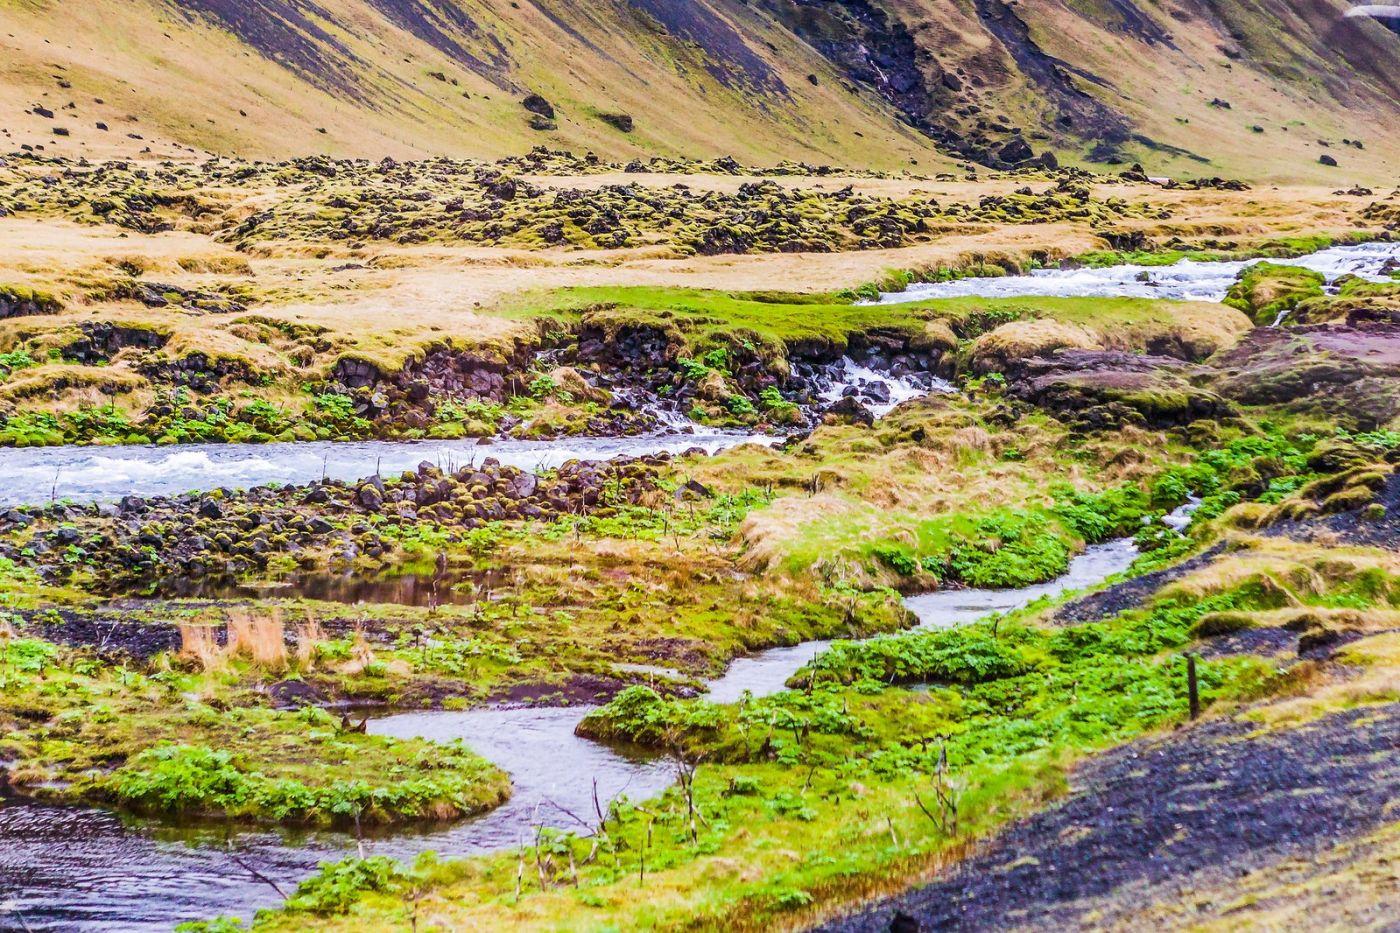 冰岛风采,那一片水景_图1-22